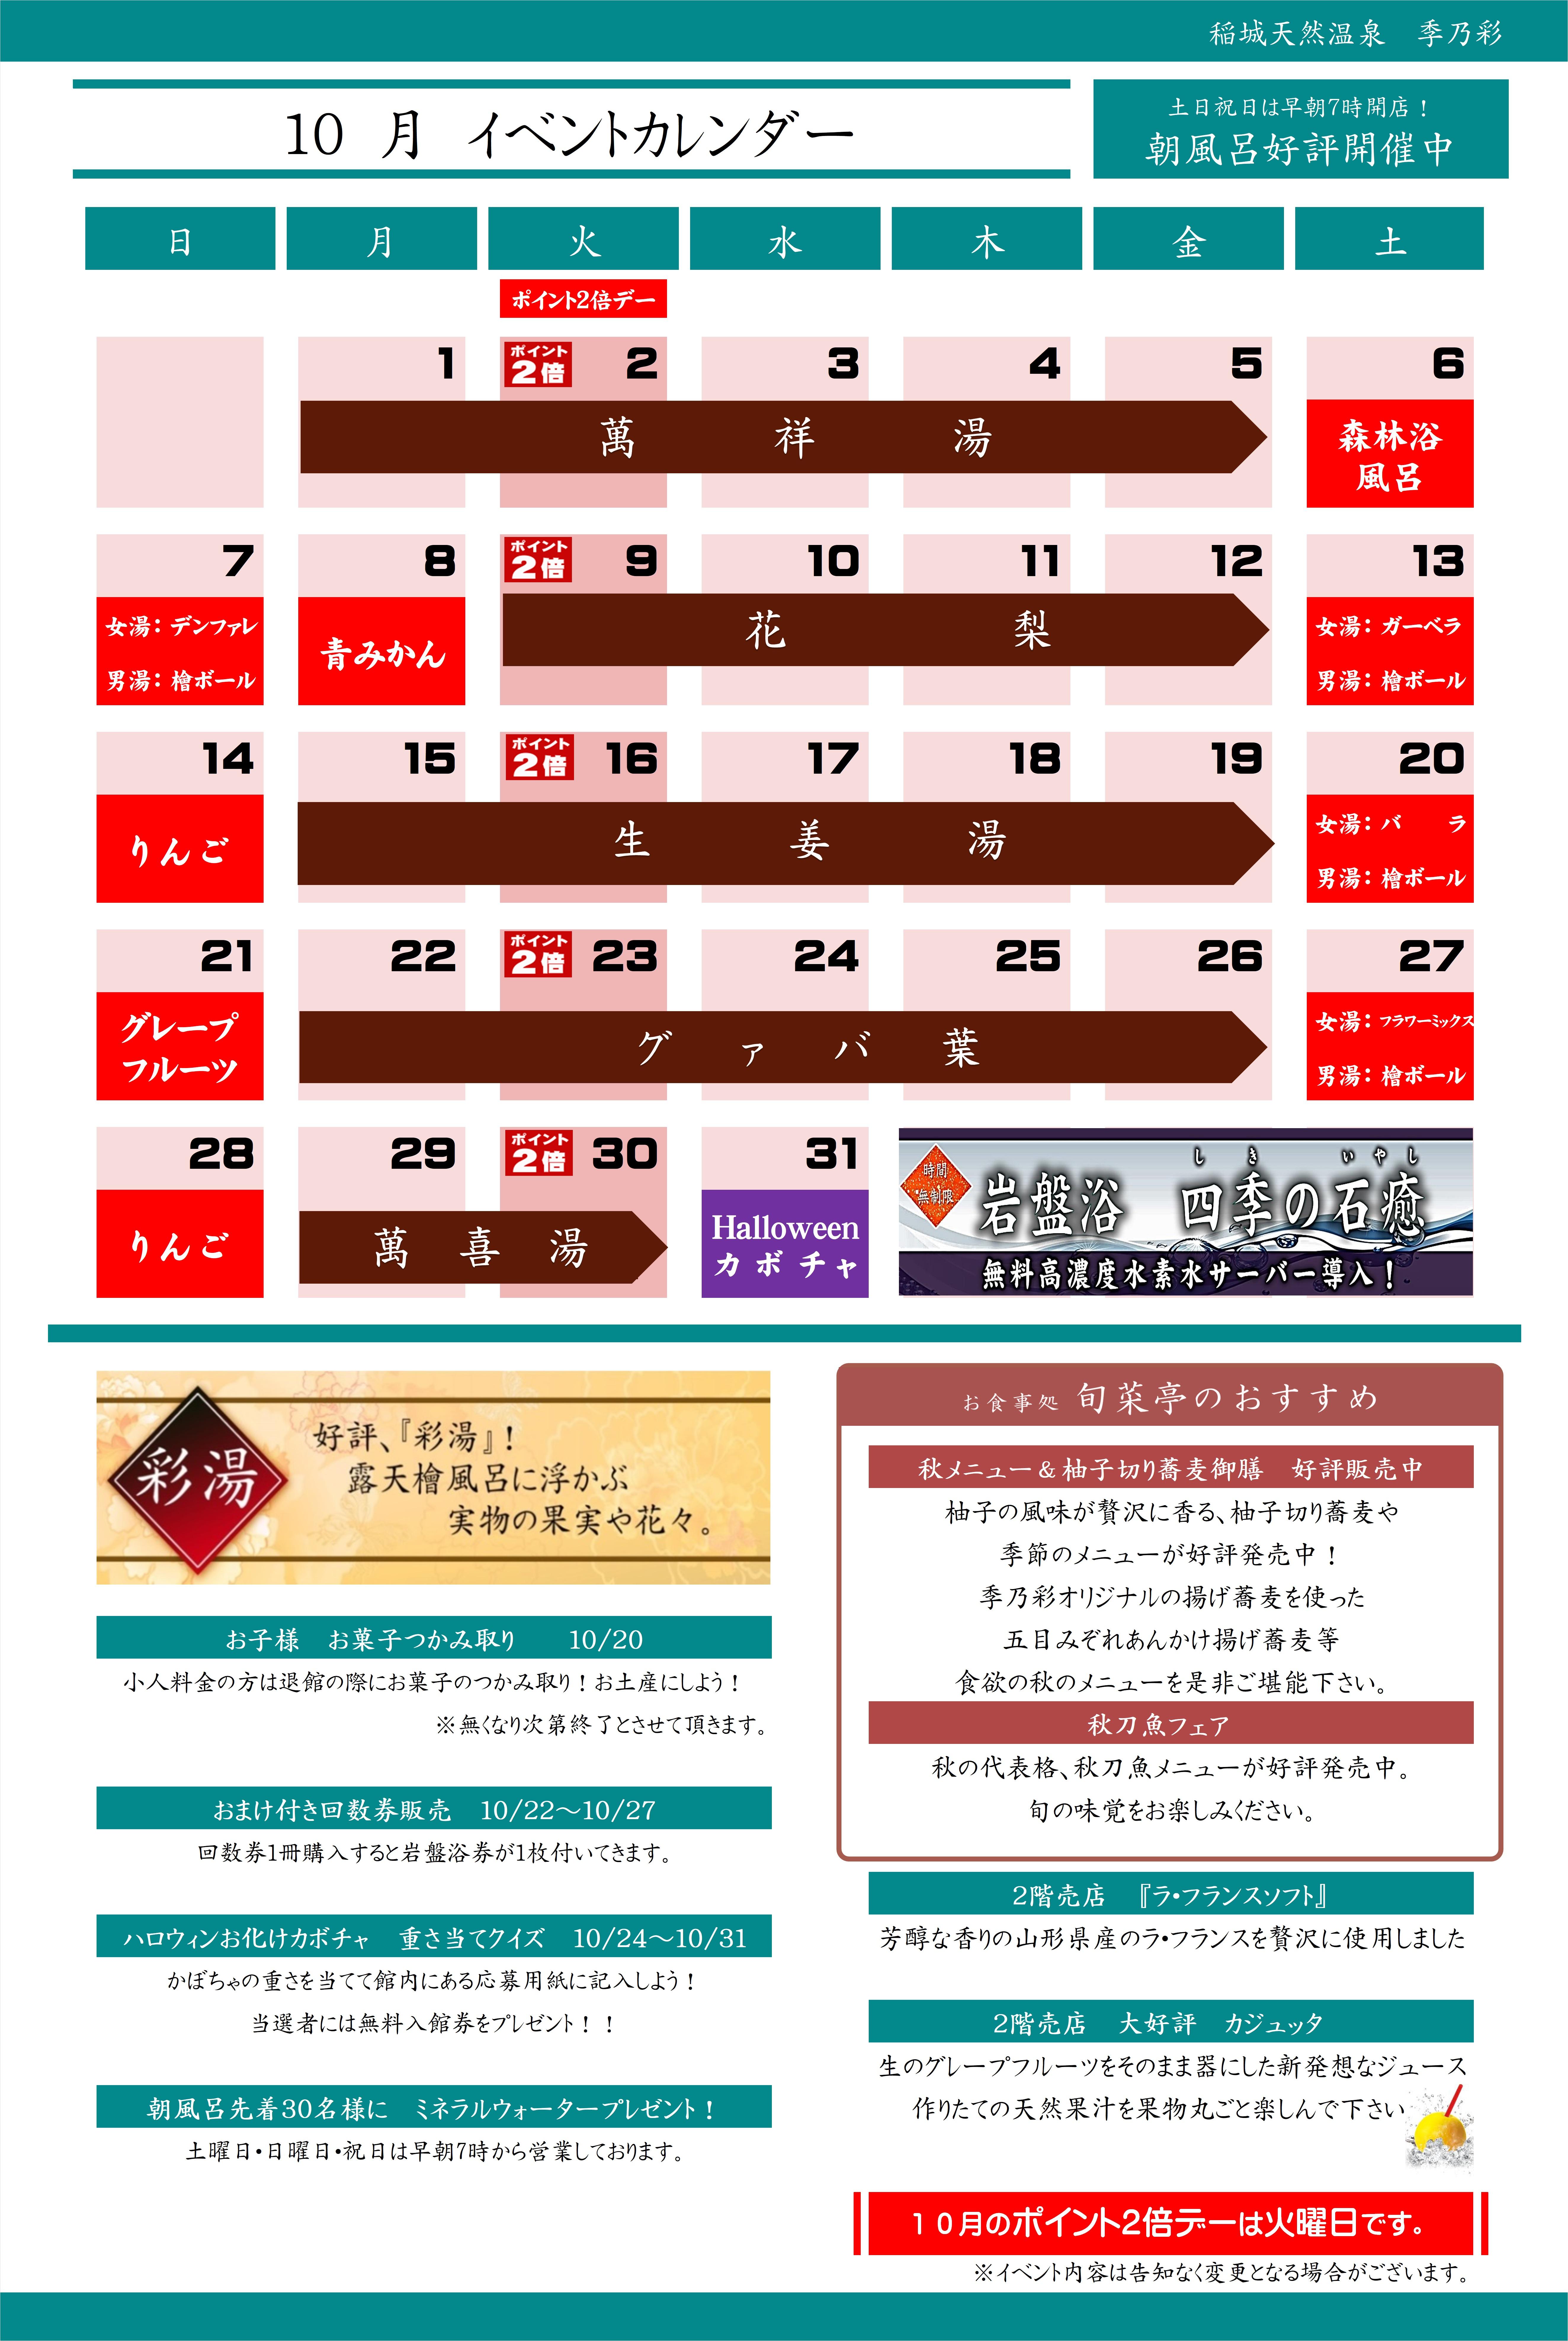 イベントカレンダー 201810